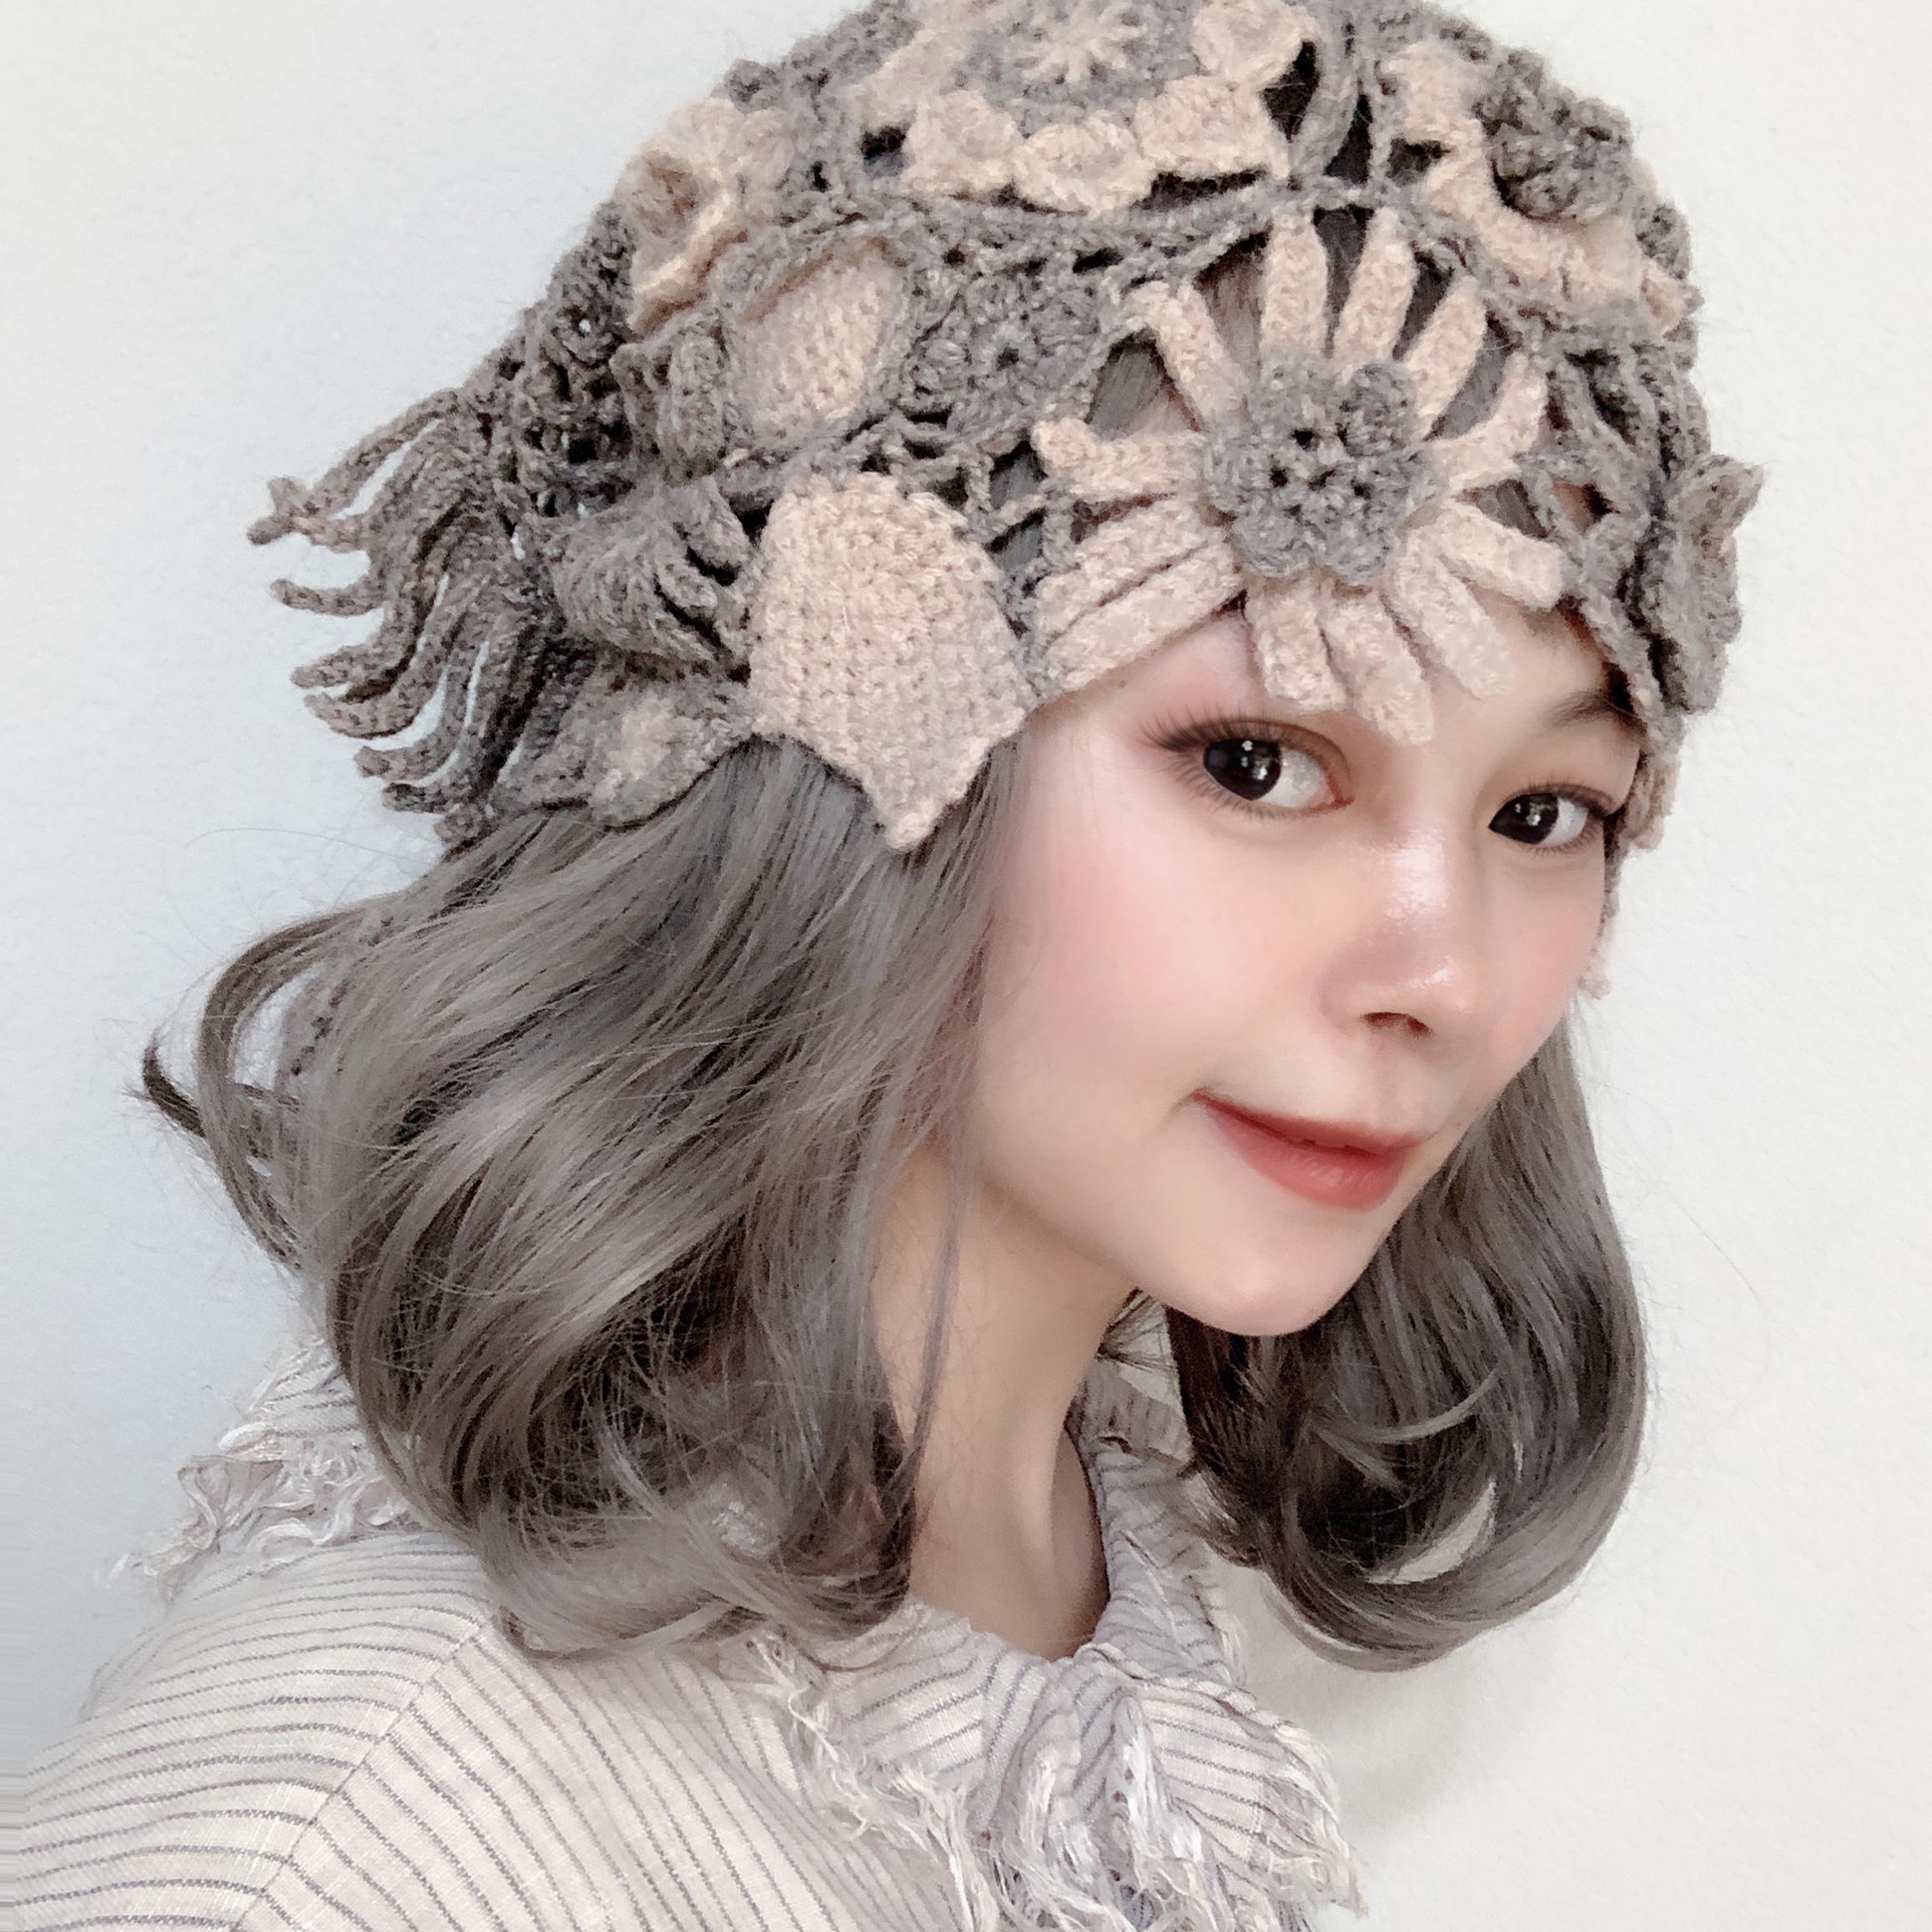 森女系立体风原创纯花朵帽子线拼接围脖两用钩织田园羊毛手工包邮